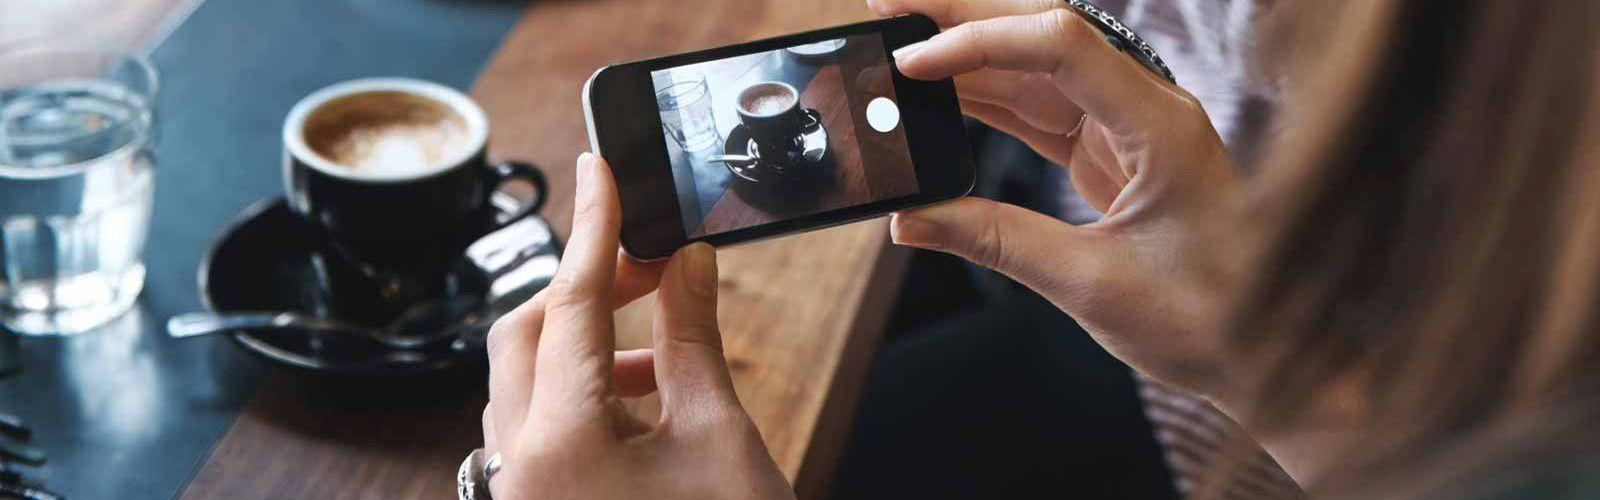 Potřebuješ zvýšit úroveň svého Instagram účtu, aby nebyl příliš všední a obyčejný? Poradíme ti, jak na to